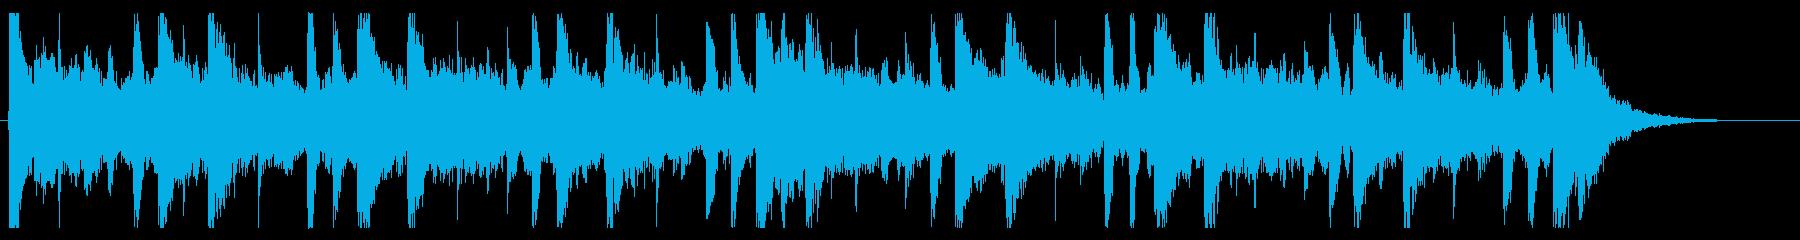 和を感じる切ないBGM_No604_4の再生済みの波形